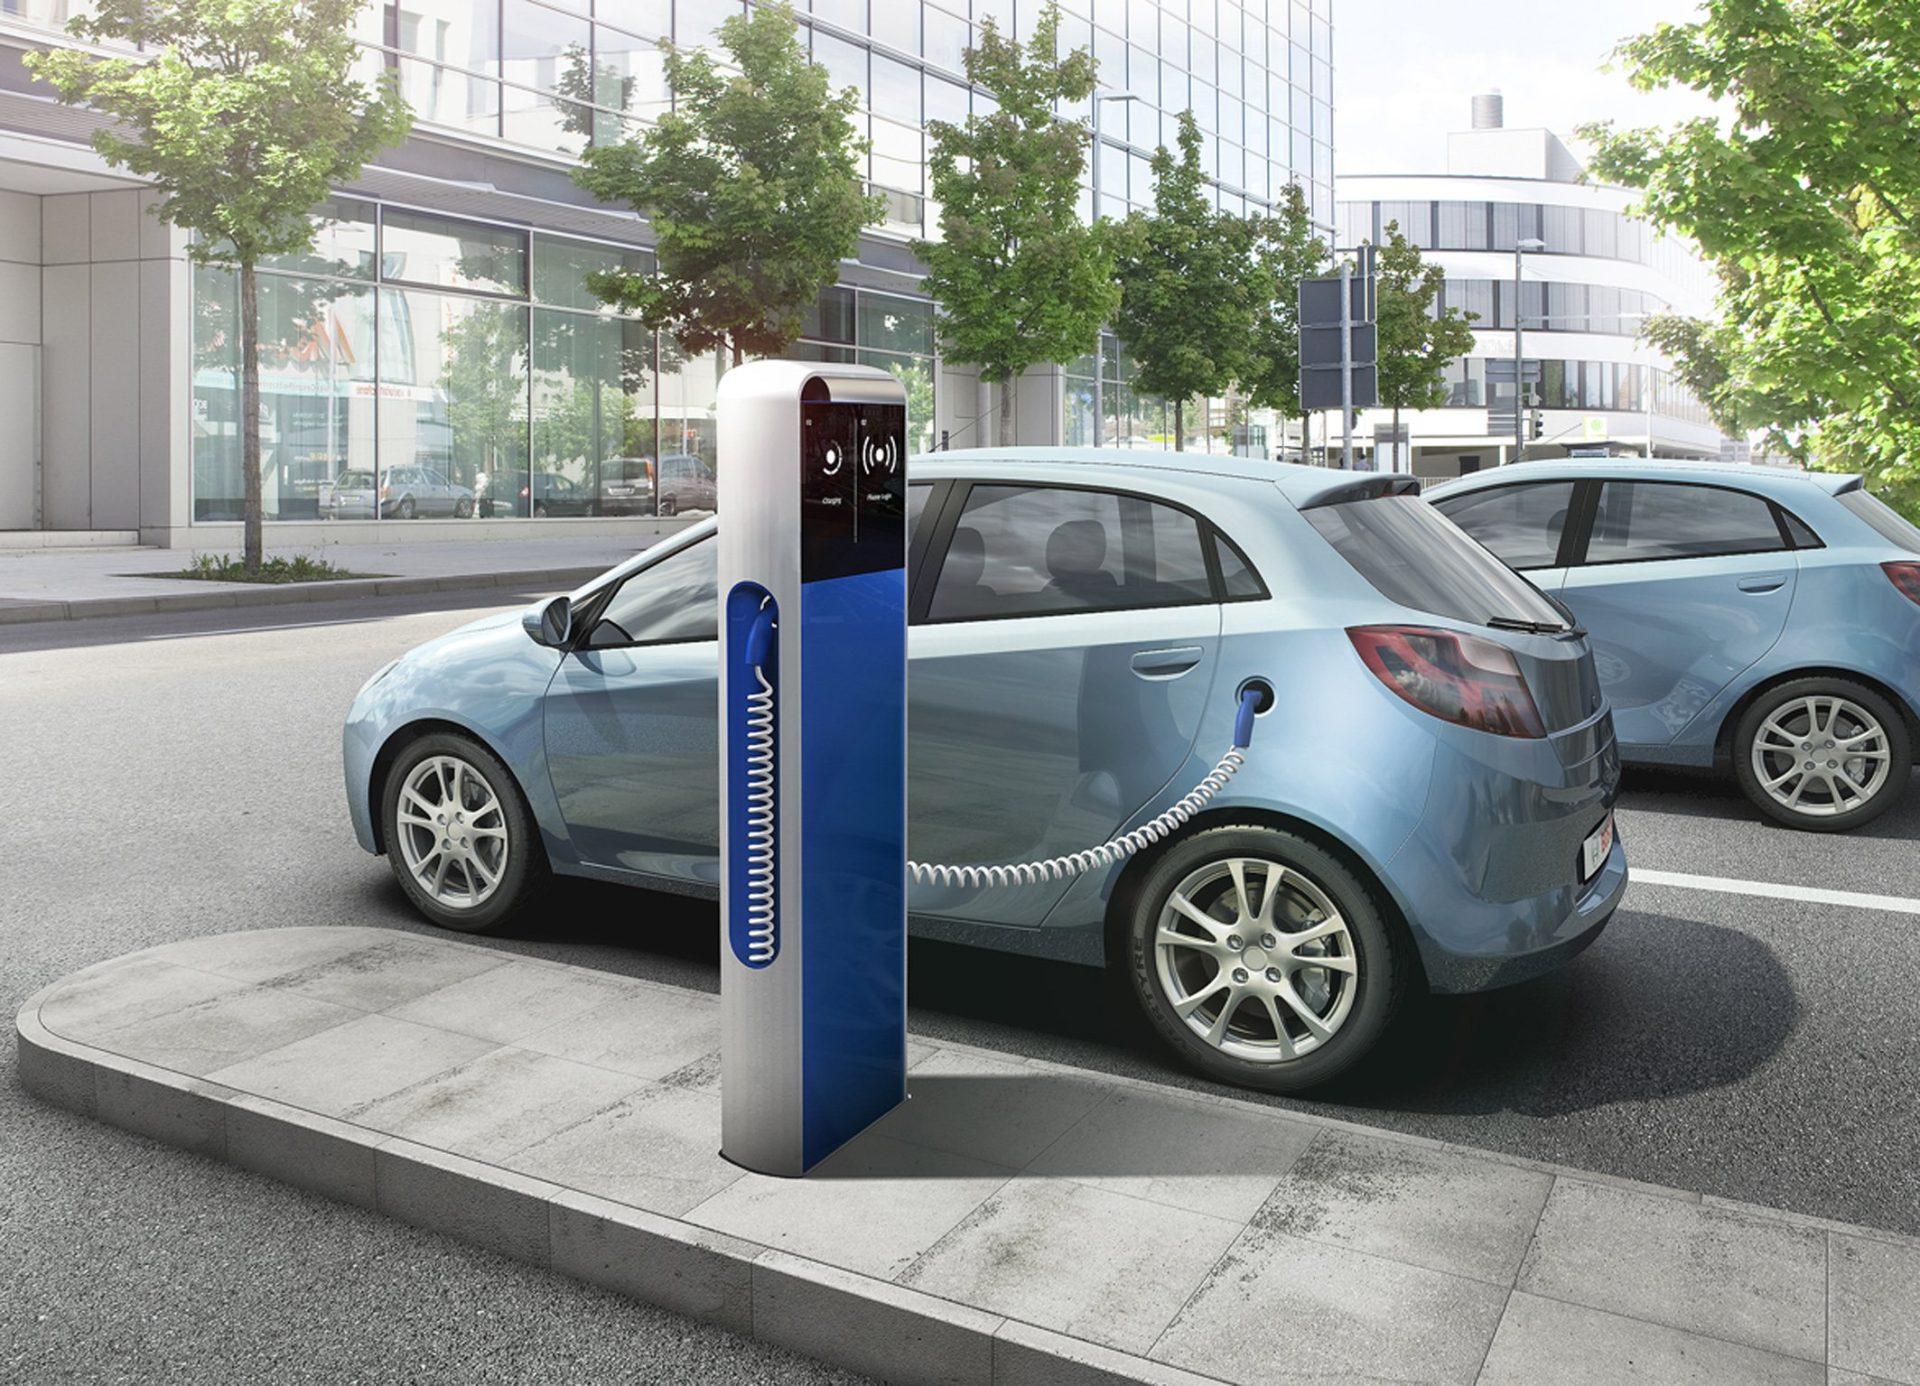 Farbenlehre für Elektroautos, die Stromnetze zum Schwitzen bringen